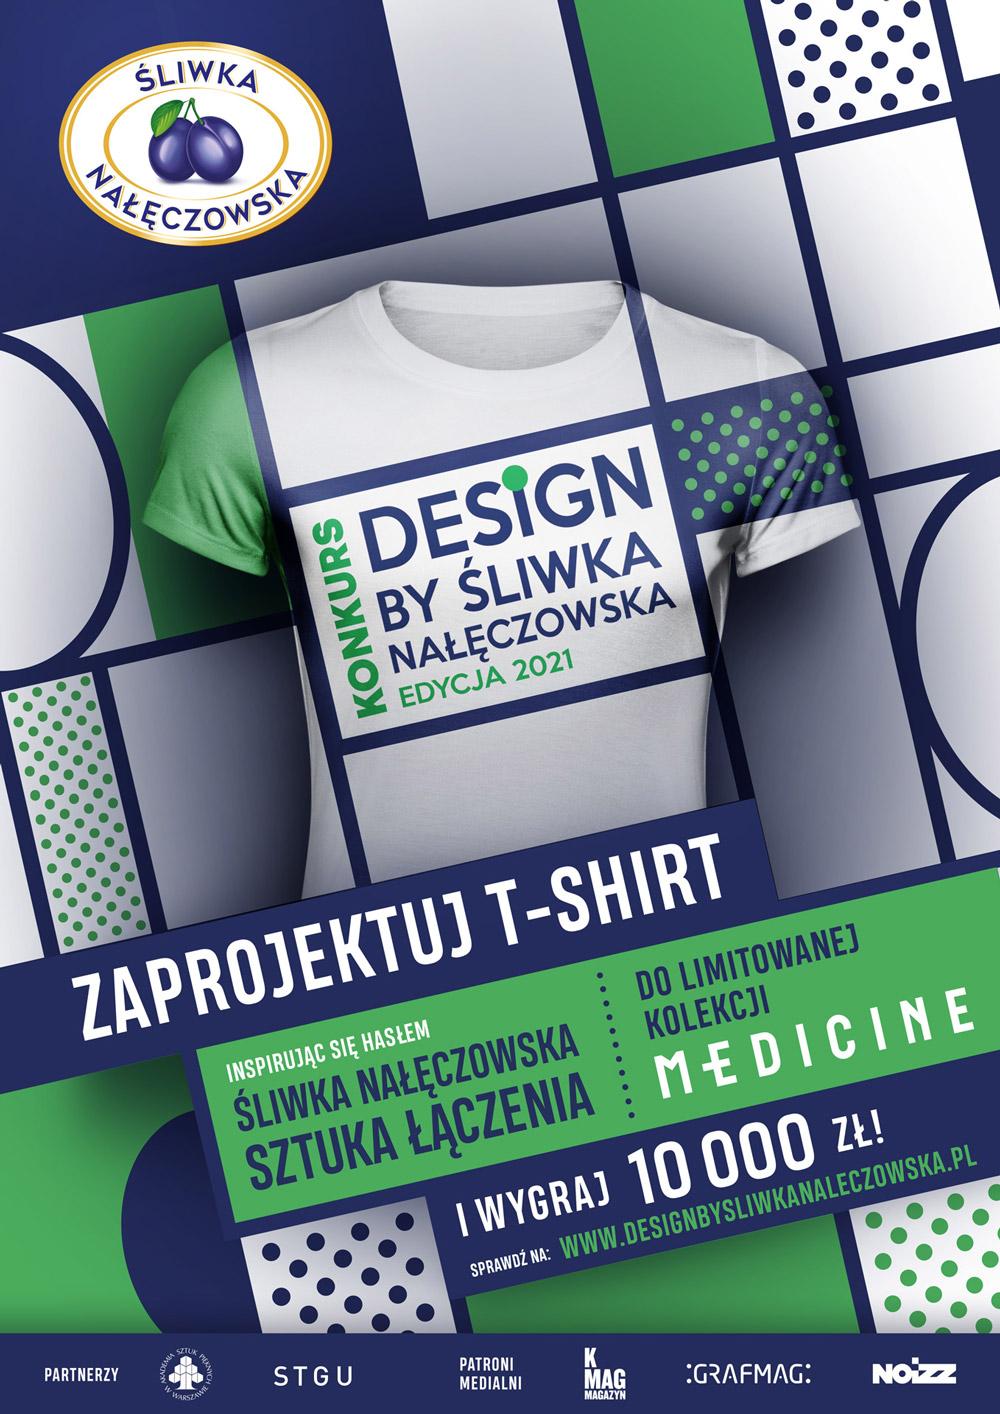 Design by Śliwka Nałęczowska